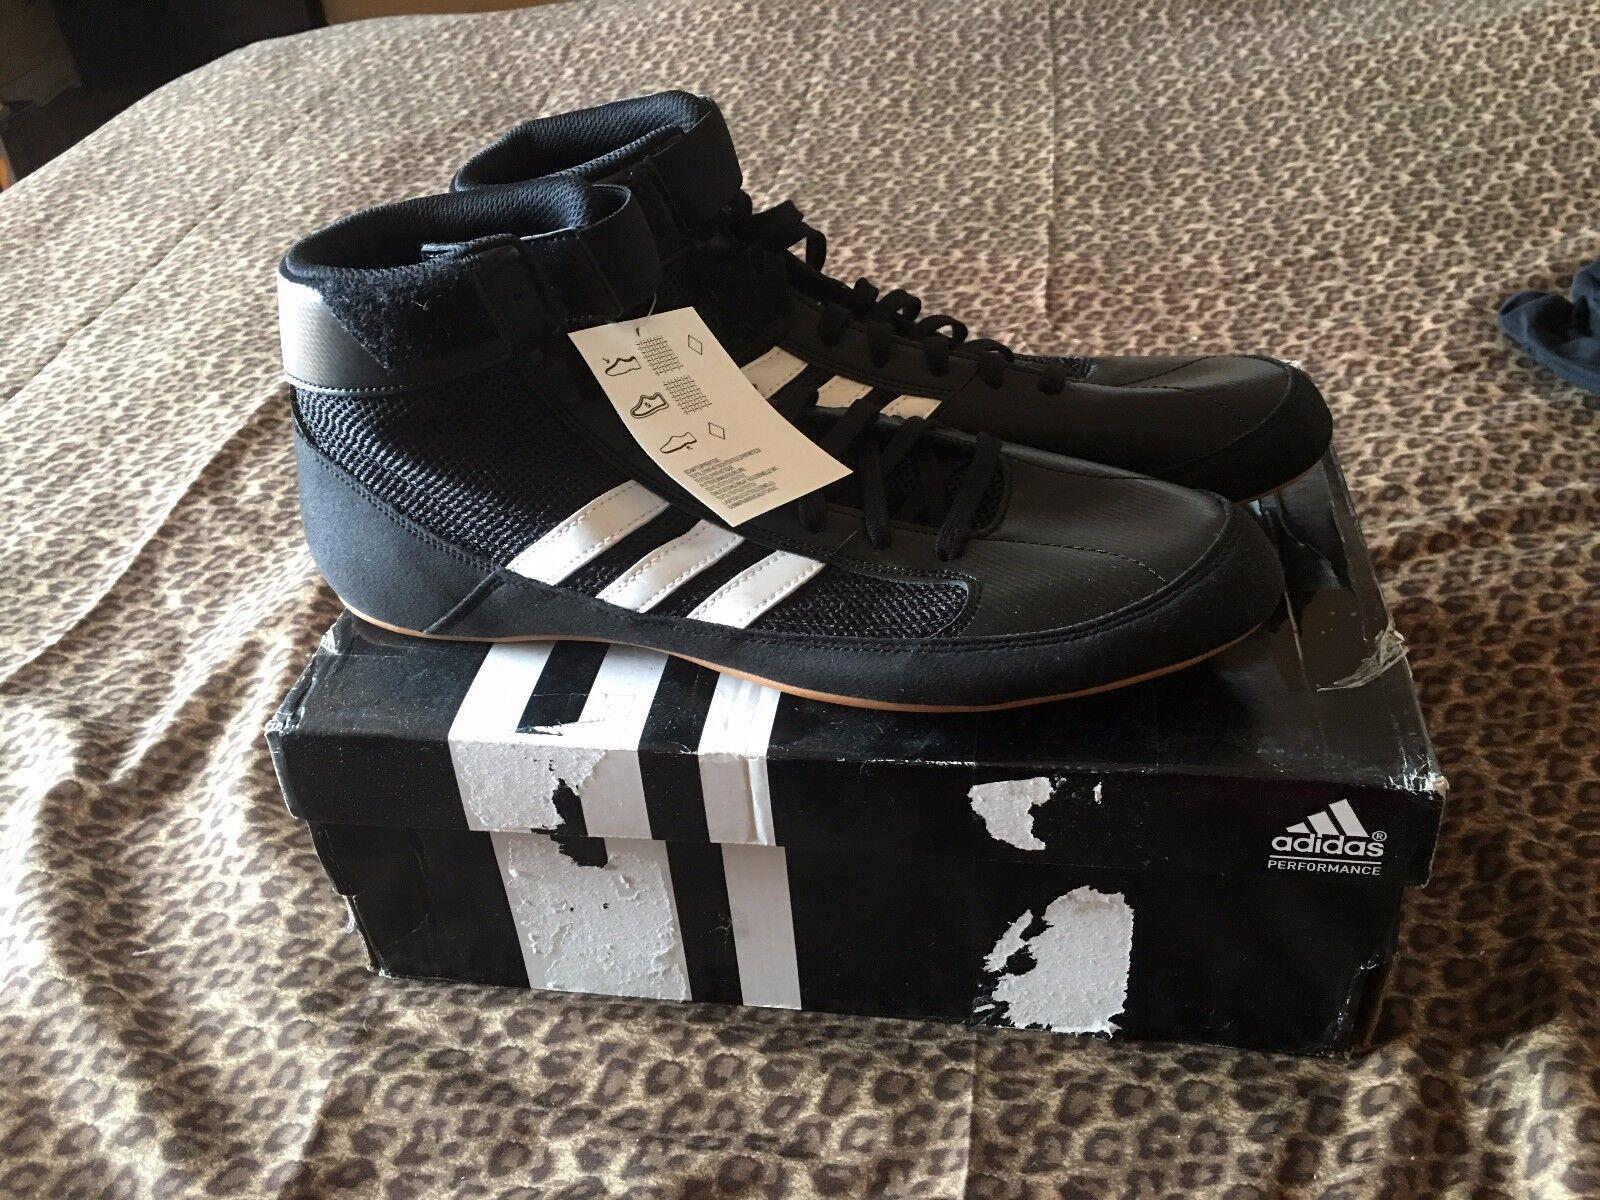 Adidas nero wrestling scarpe di taglia 11 - nuovo di scarpe zecca nel riquadro f97199